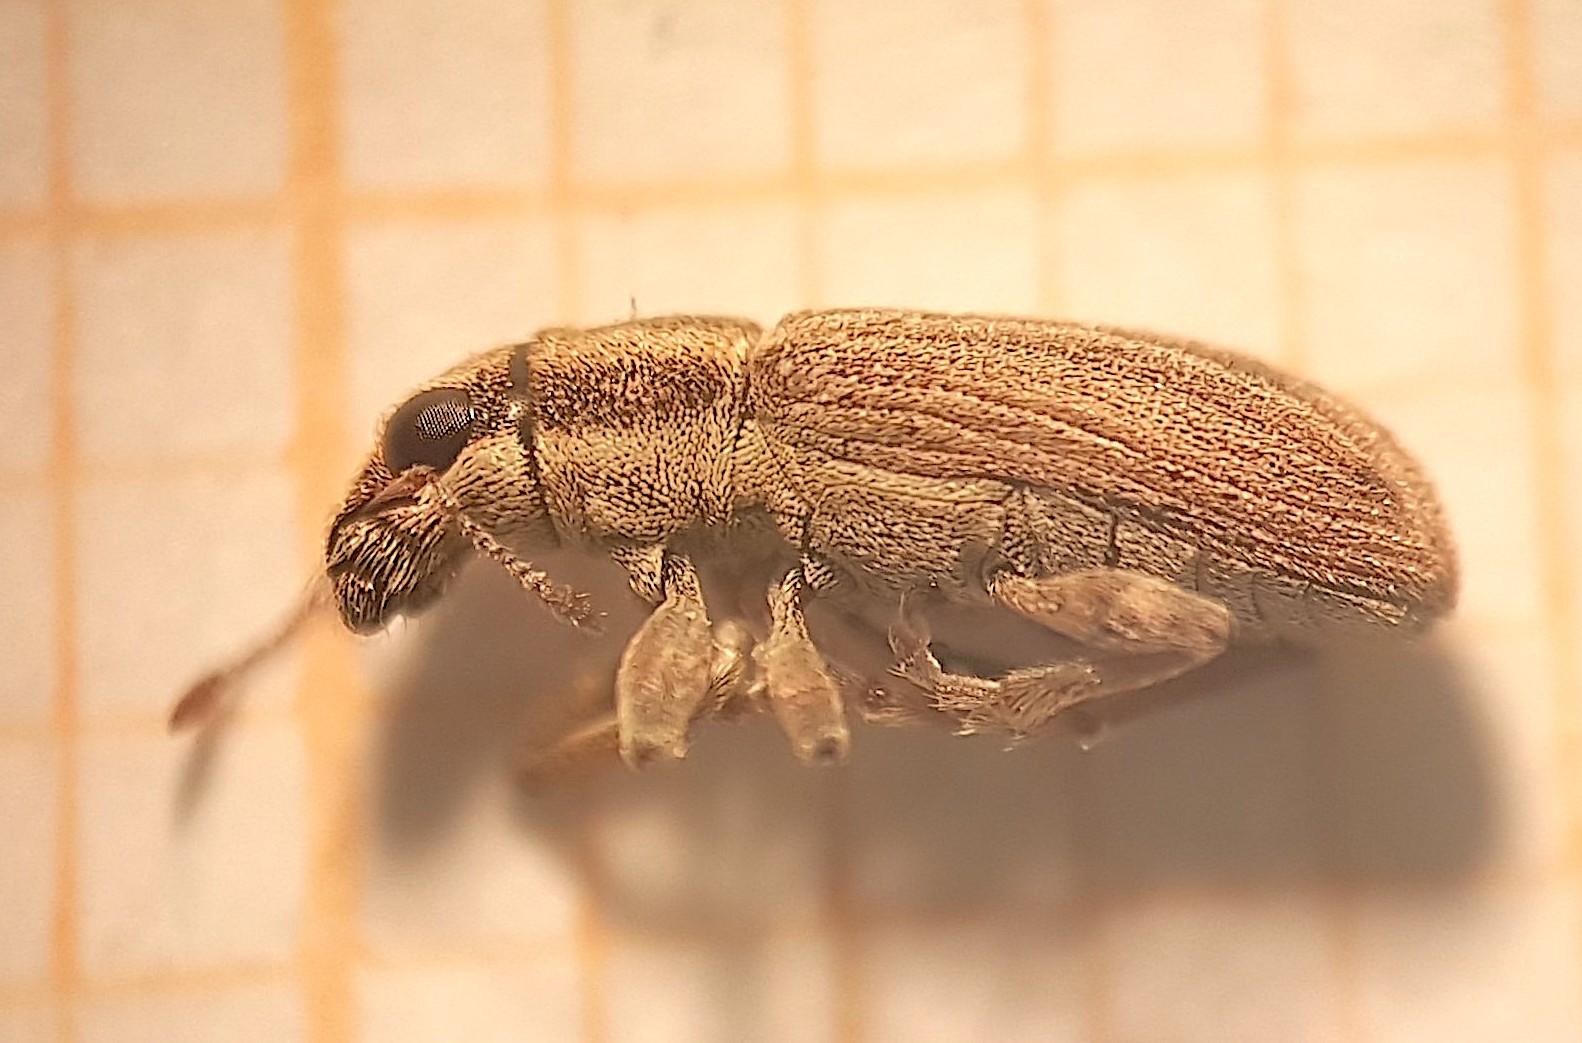 Sitona obsoletus (Coleoptera: Curculionidae) em embalagem de madeira da Espanha